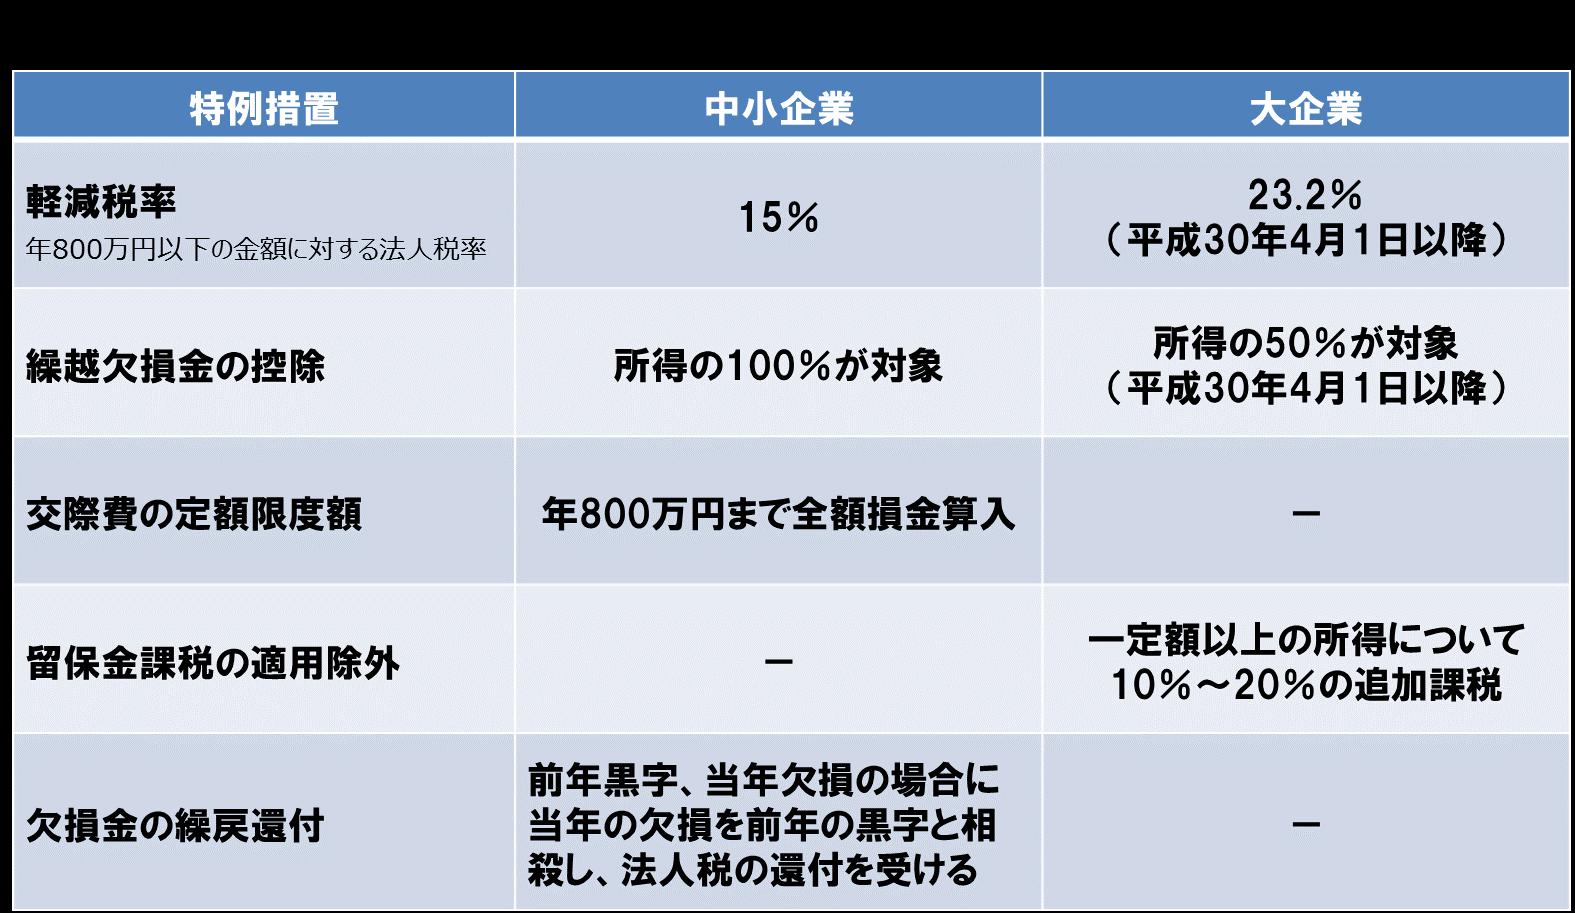 中小企業税制(中小企業の特例)